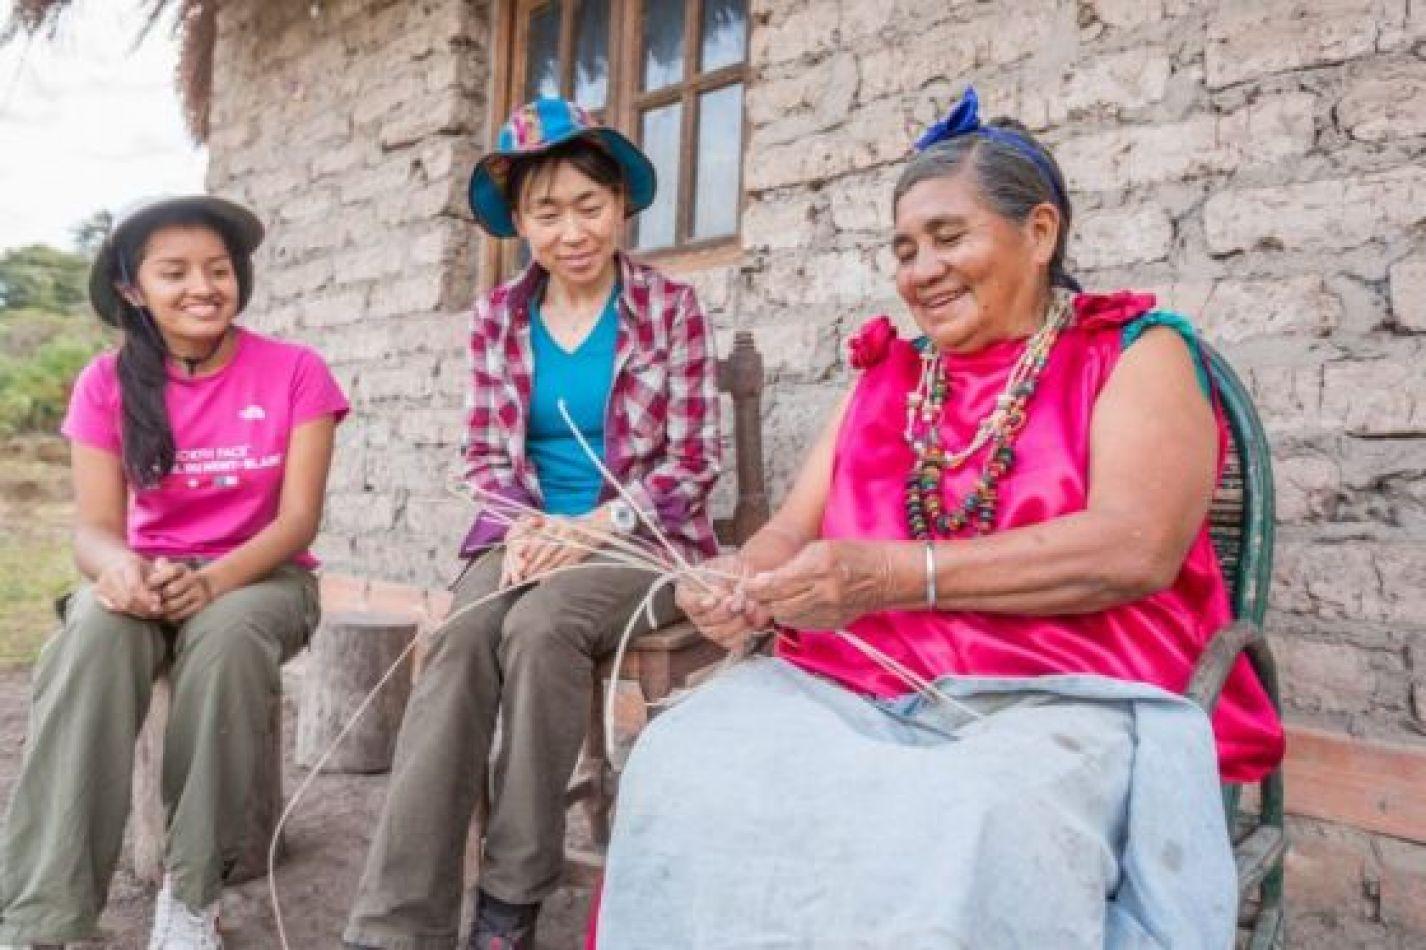 En Salta el turismo rural comunitario es liderado por mujeres